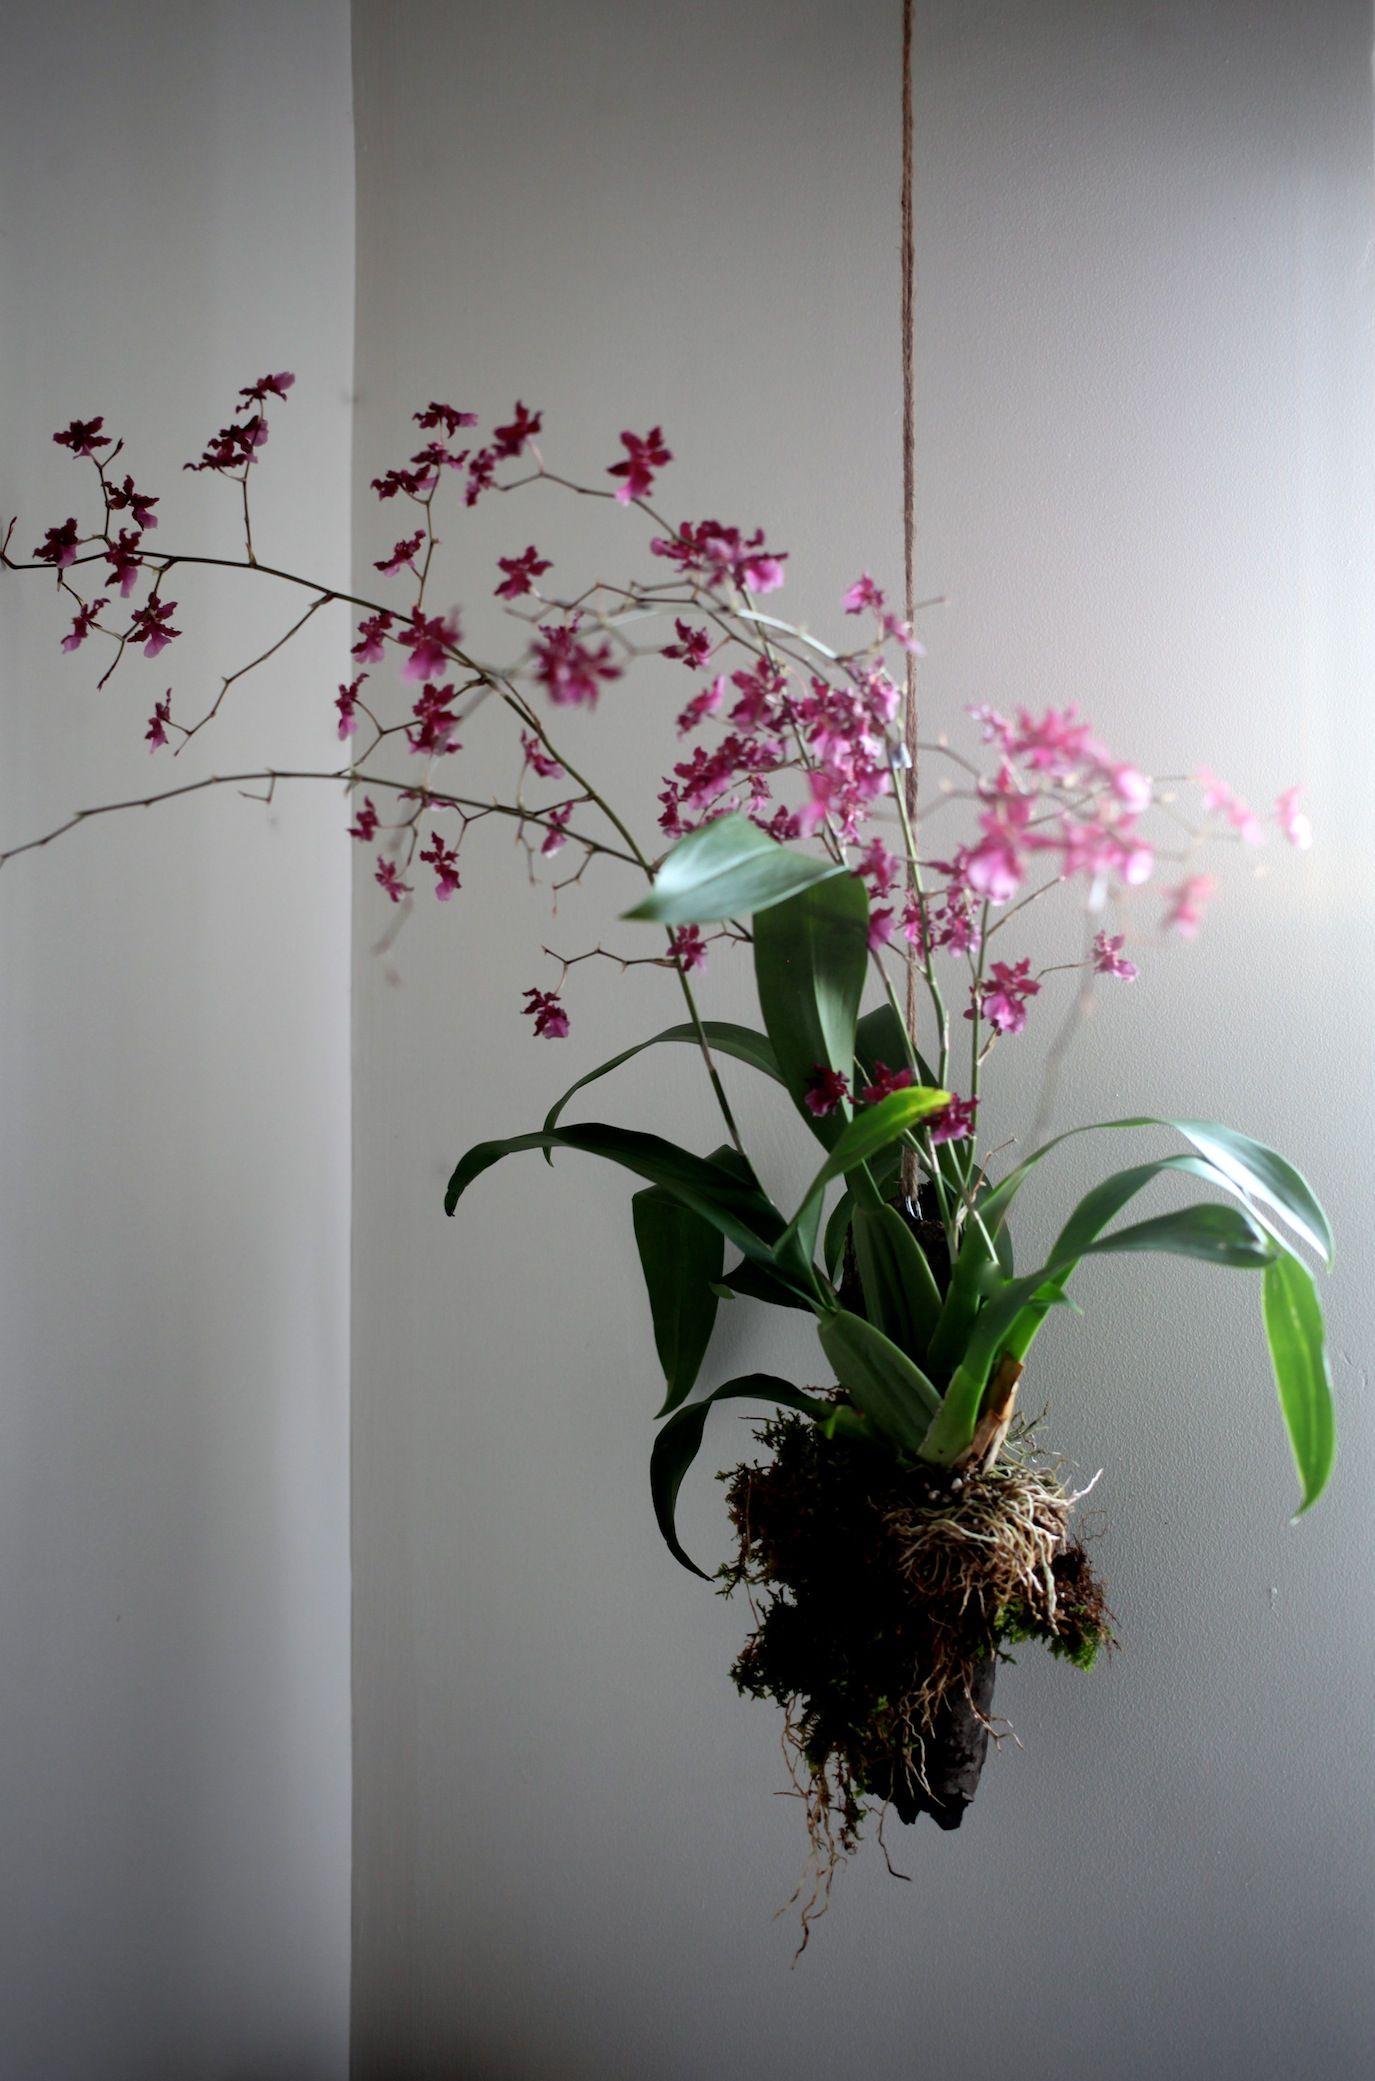 All Gardenista Garden Design Inspiration Stories in One Place | De ...